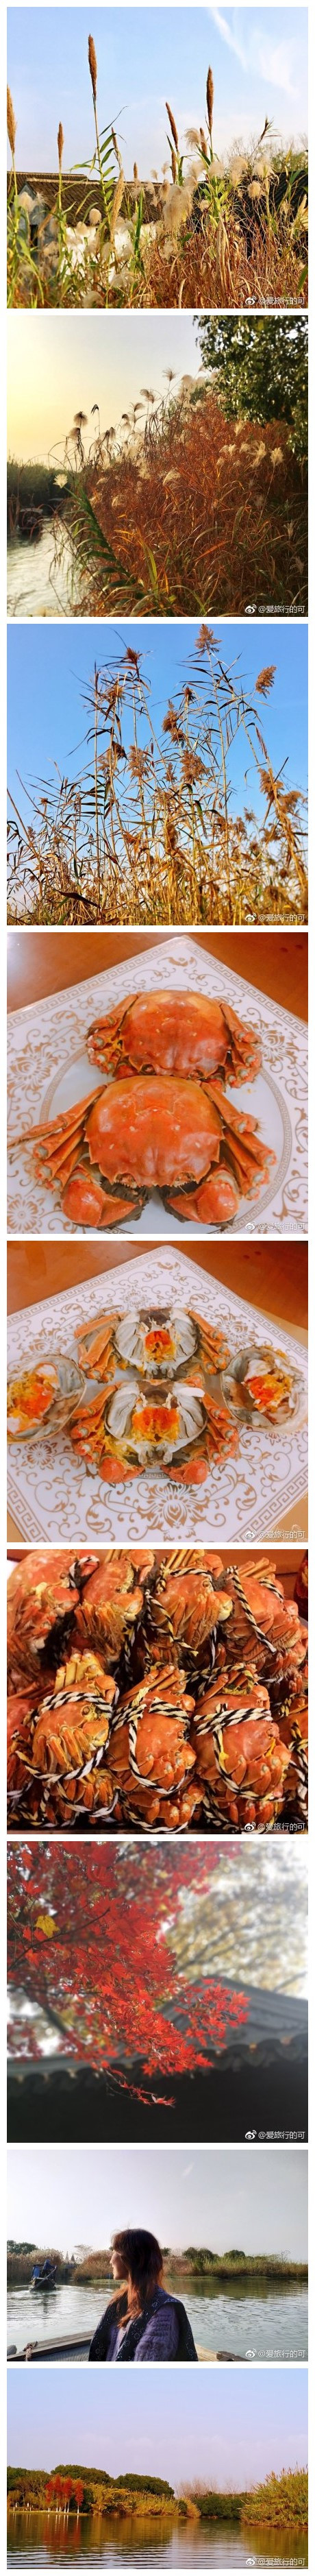 最最最正宗的大闸蟹 眼看着从阳澄湖里捞出来 张牙舞爪 今天是个连吃三只的乡土小妹 